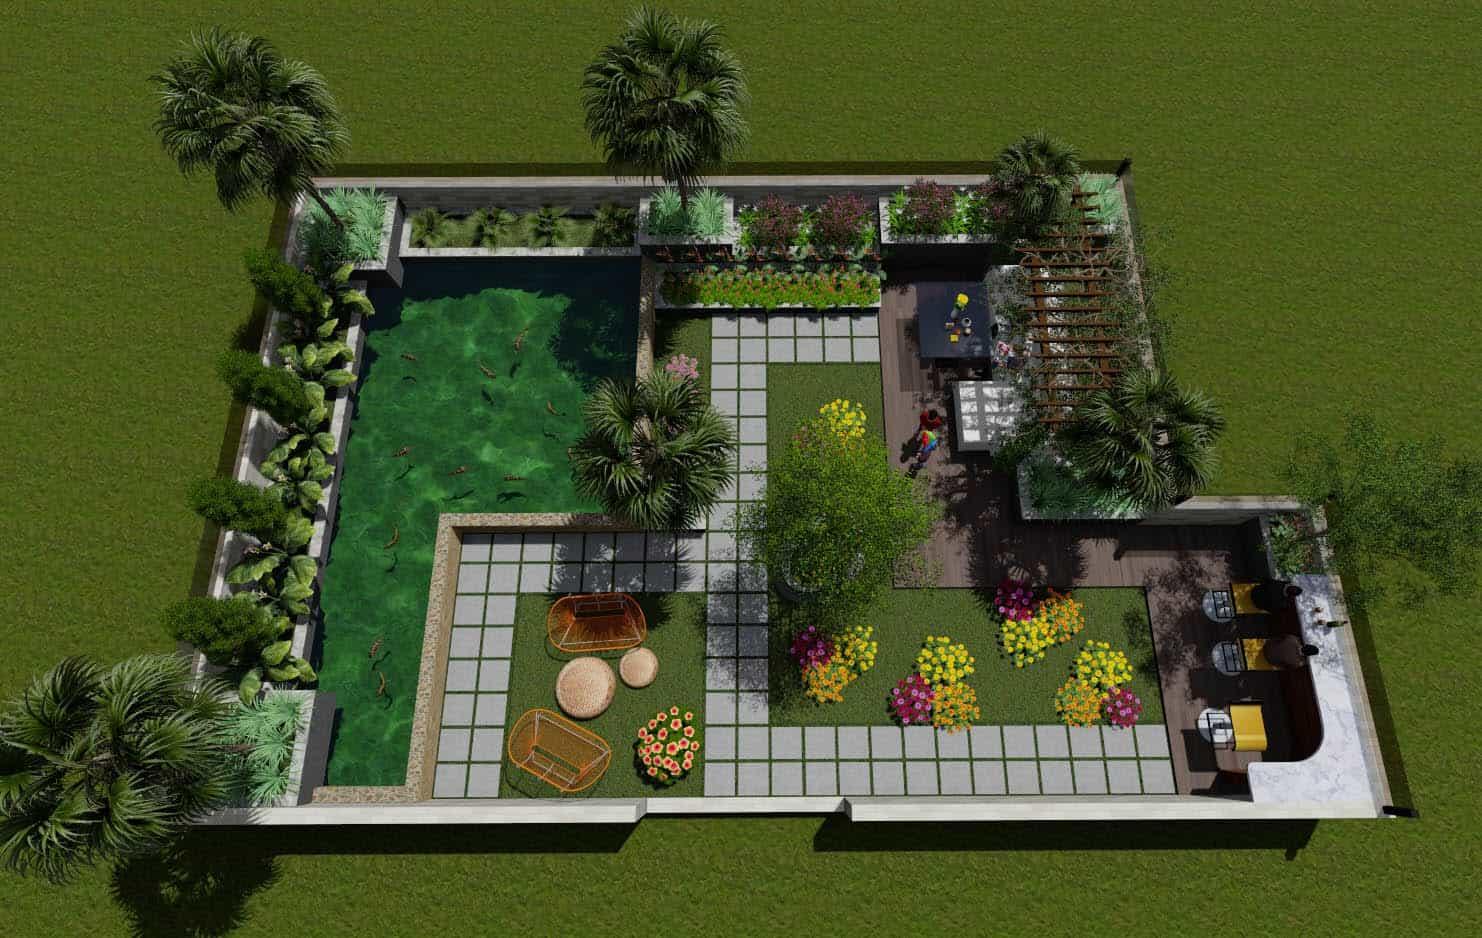 Dự án thiết kế cảnh quan biệt thự anh Sự Bình Tân